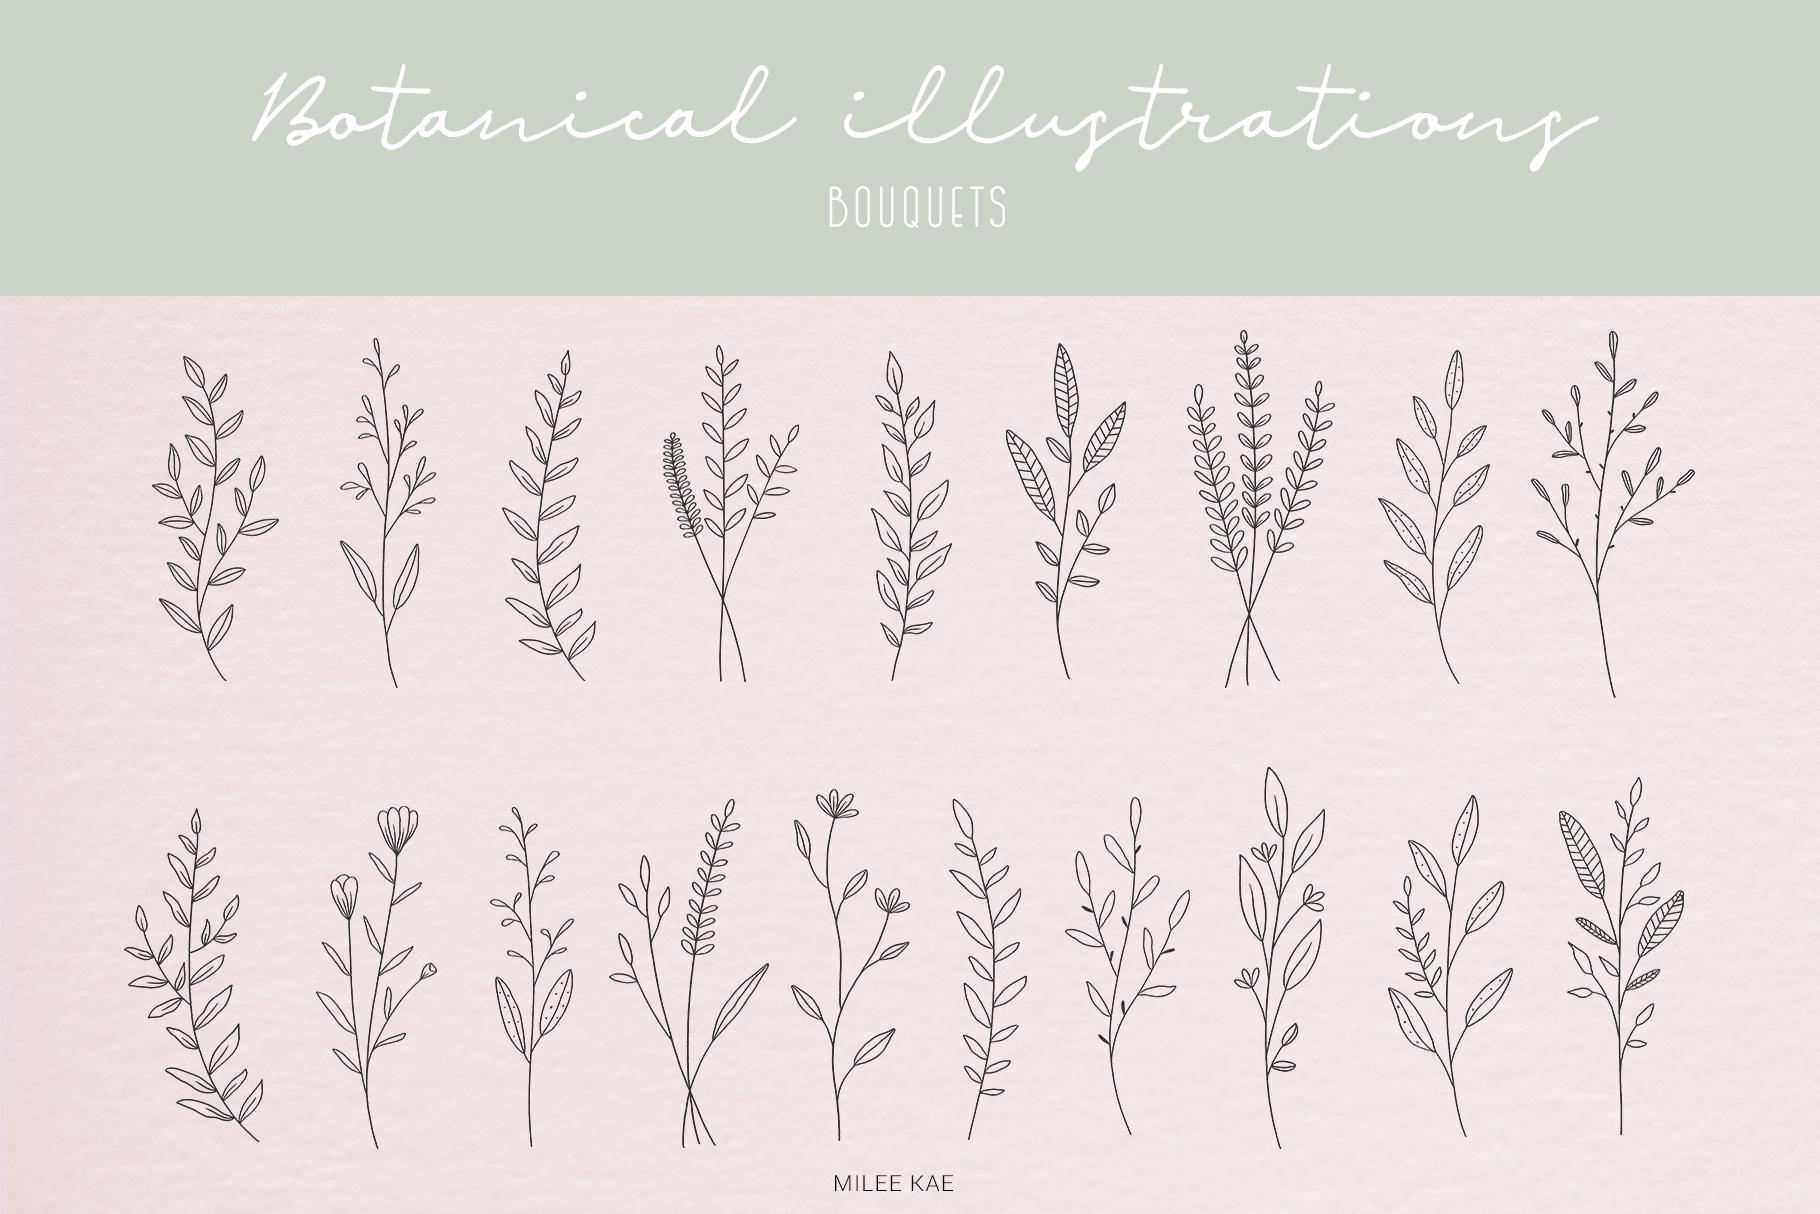 40 Modern Botanical Illustrations example image 2